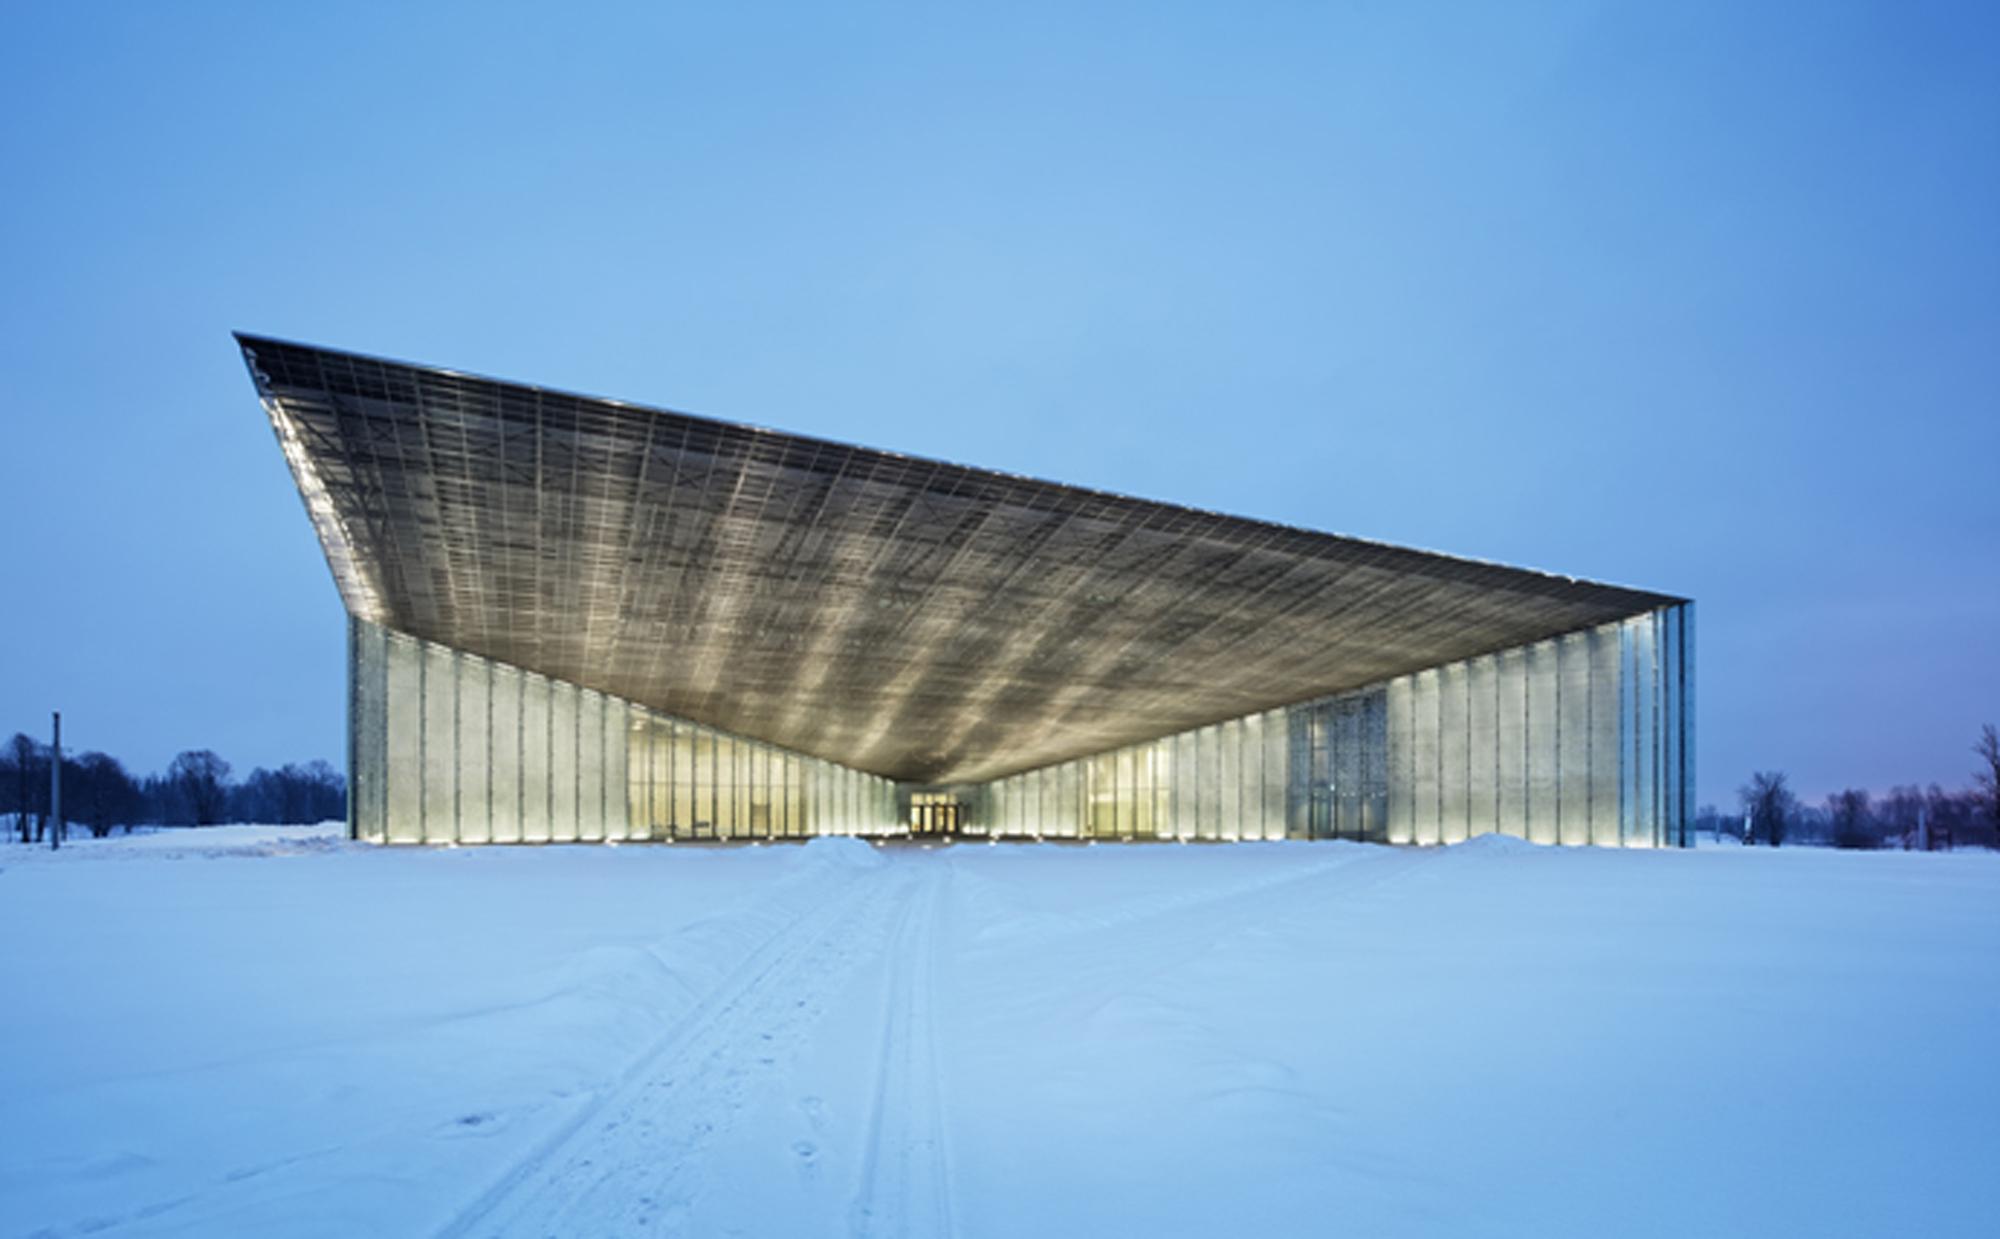 Museo Nacional de Estonia / DGT Architects